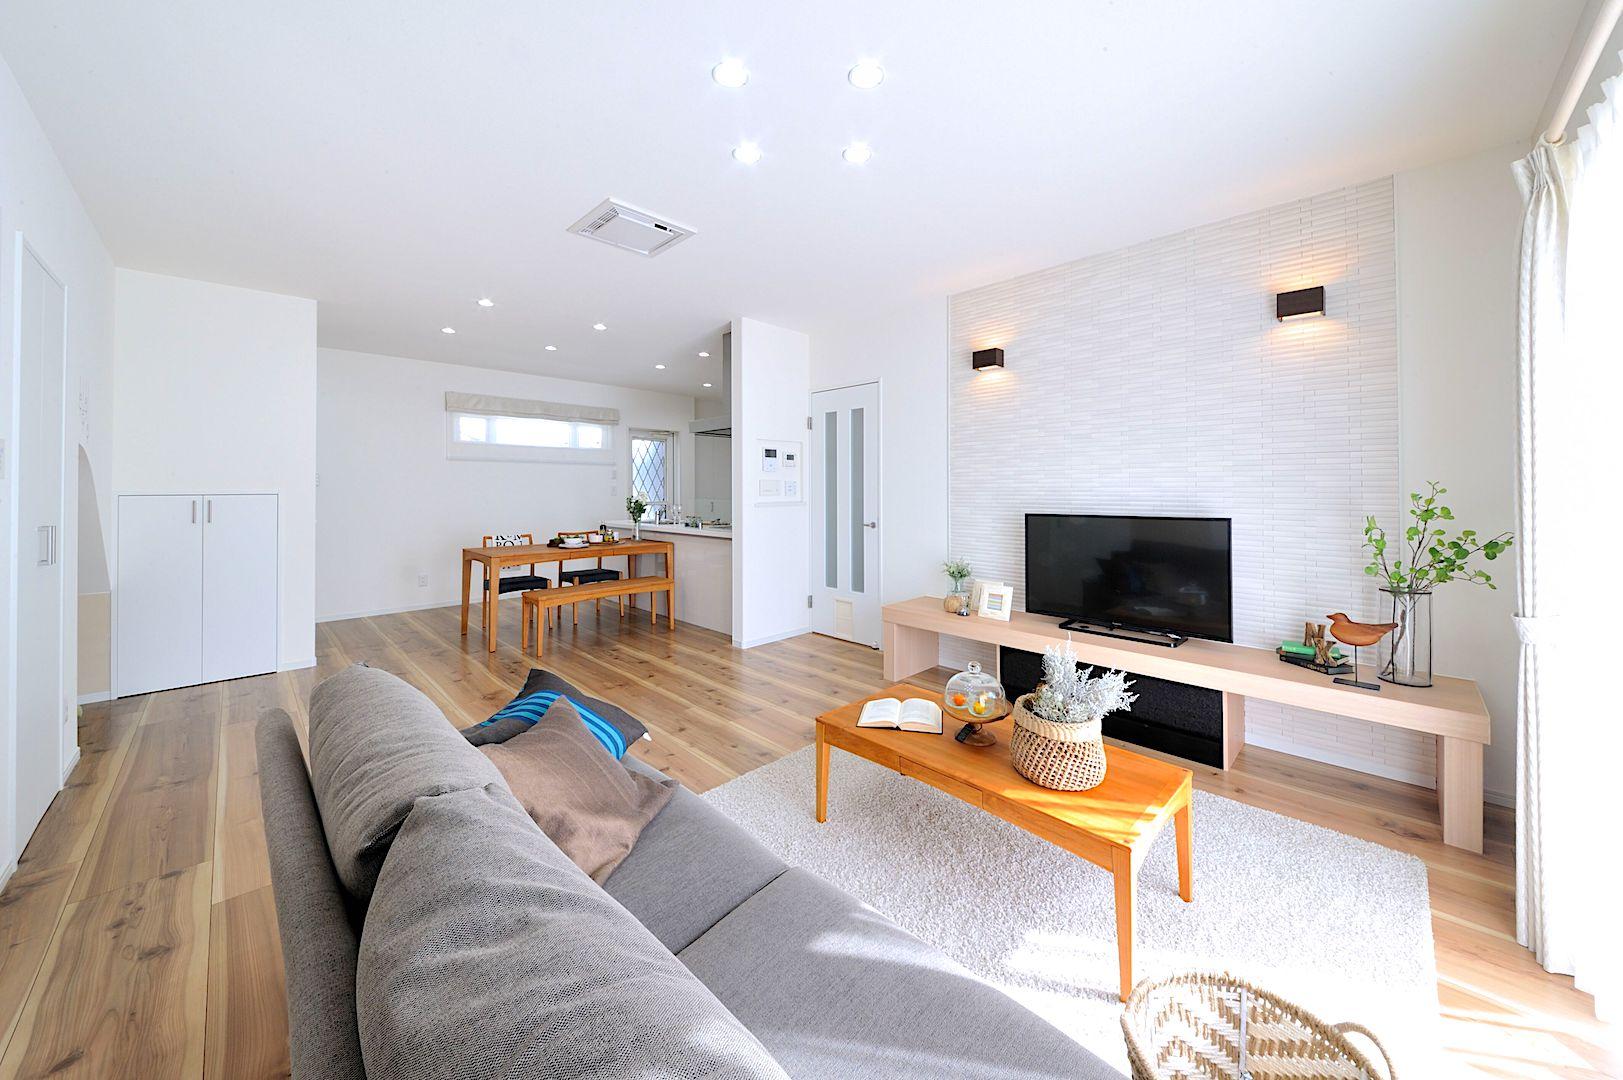 【家具やインテリアは、いつ頃購入をすすめると良い?】